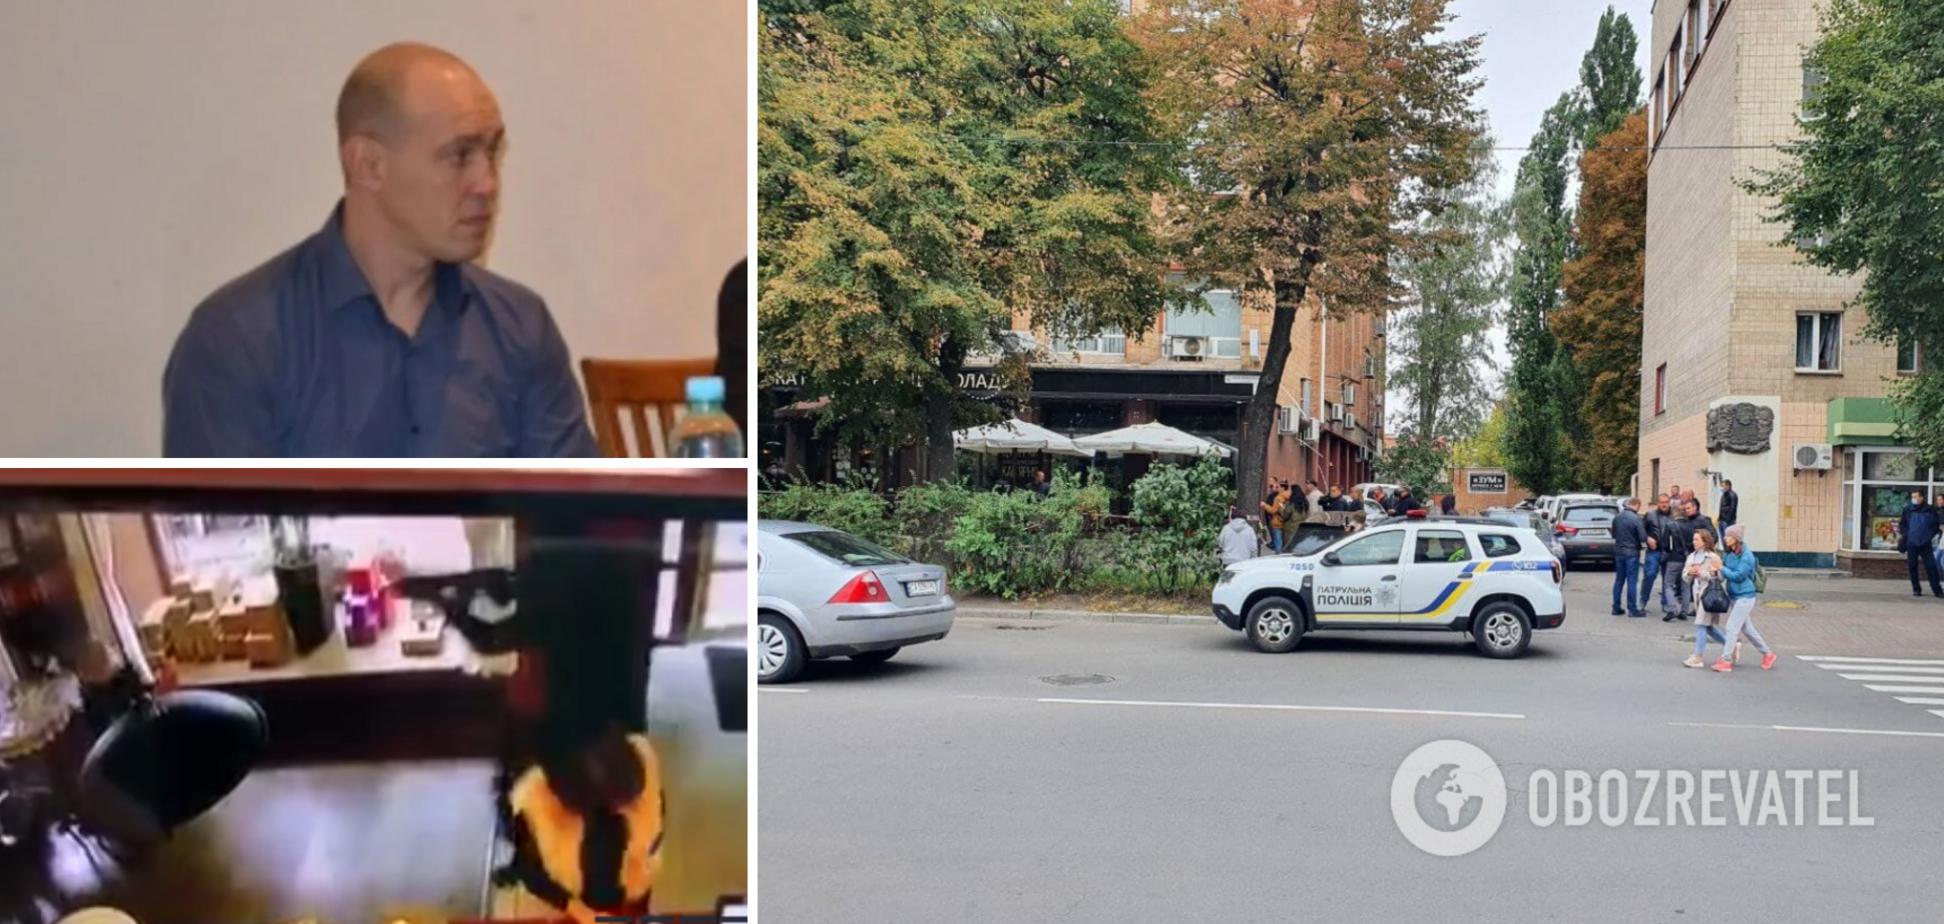 Расстрел бизнесмена в Черкассах попал на видео: появились записи камер наблюдения из кафе